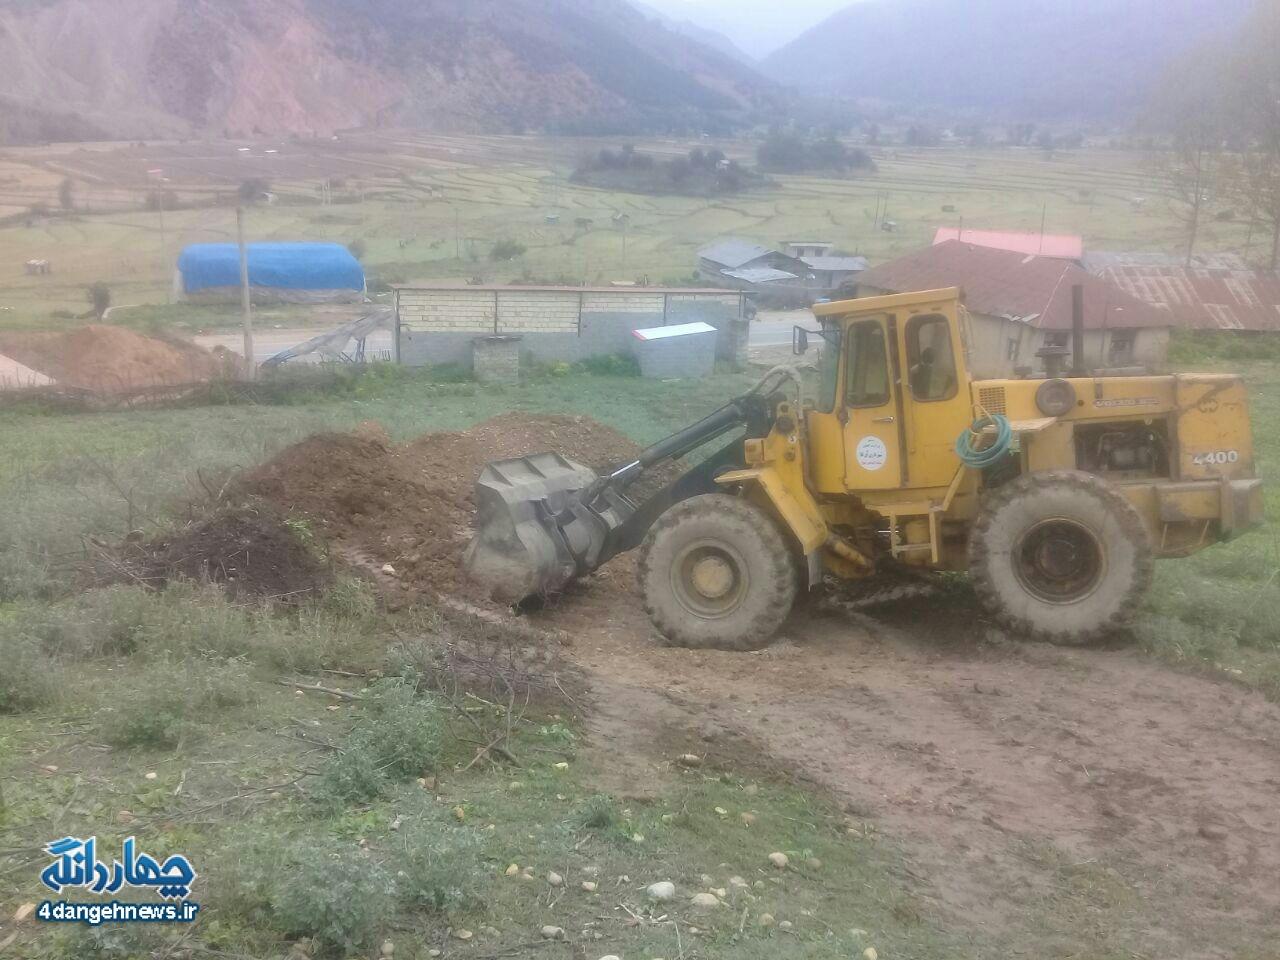 آغاز مرحله خاک برداری پروژه ساخت پاسگاه گرماب